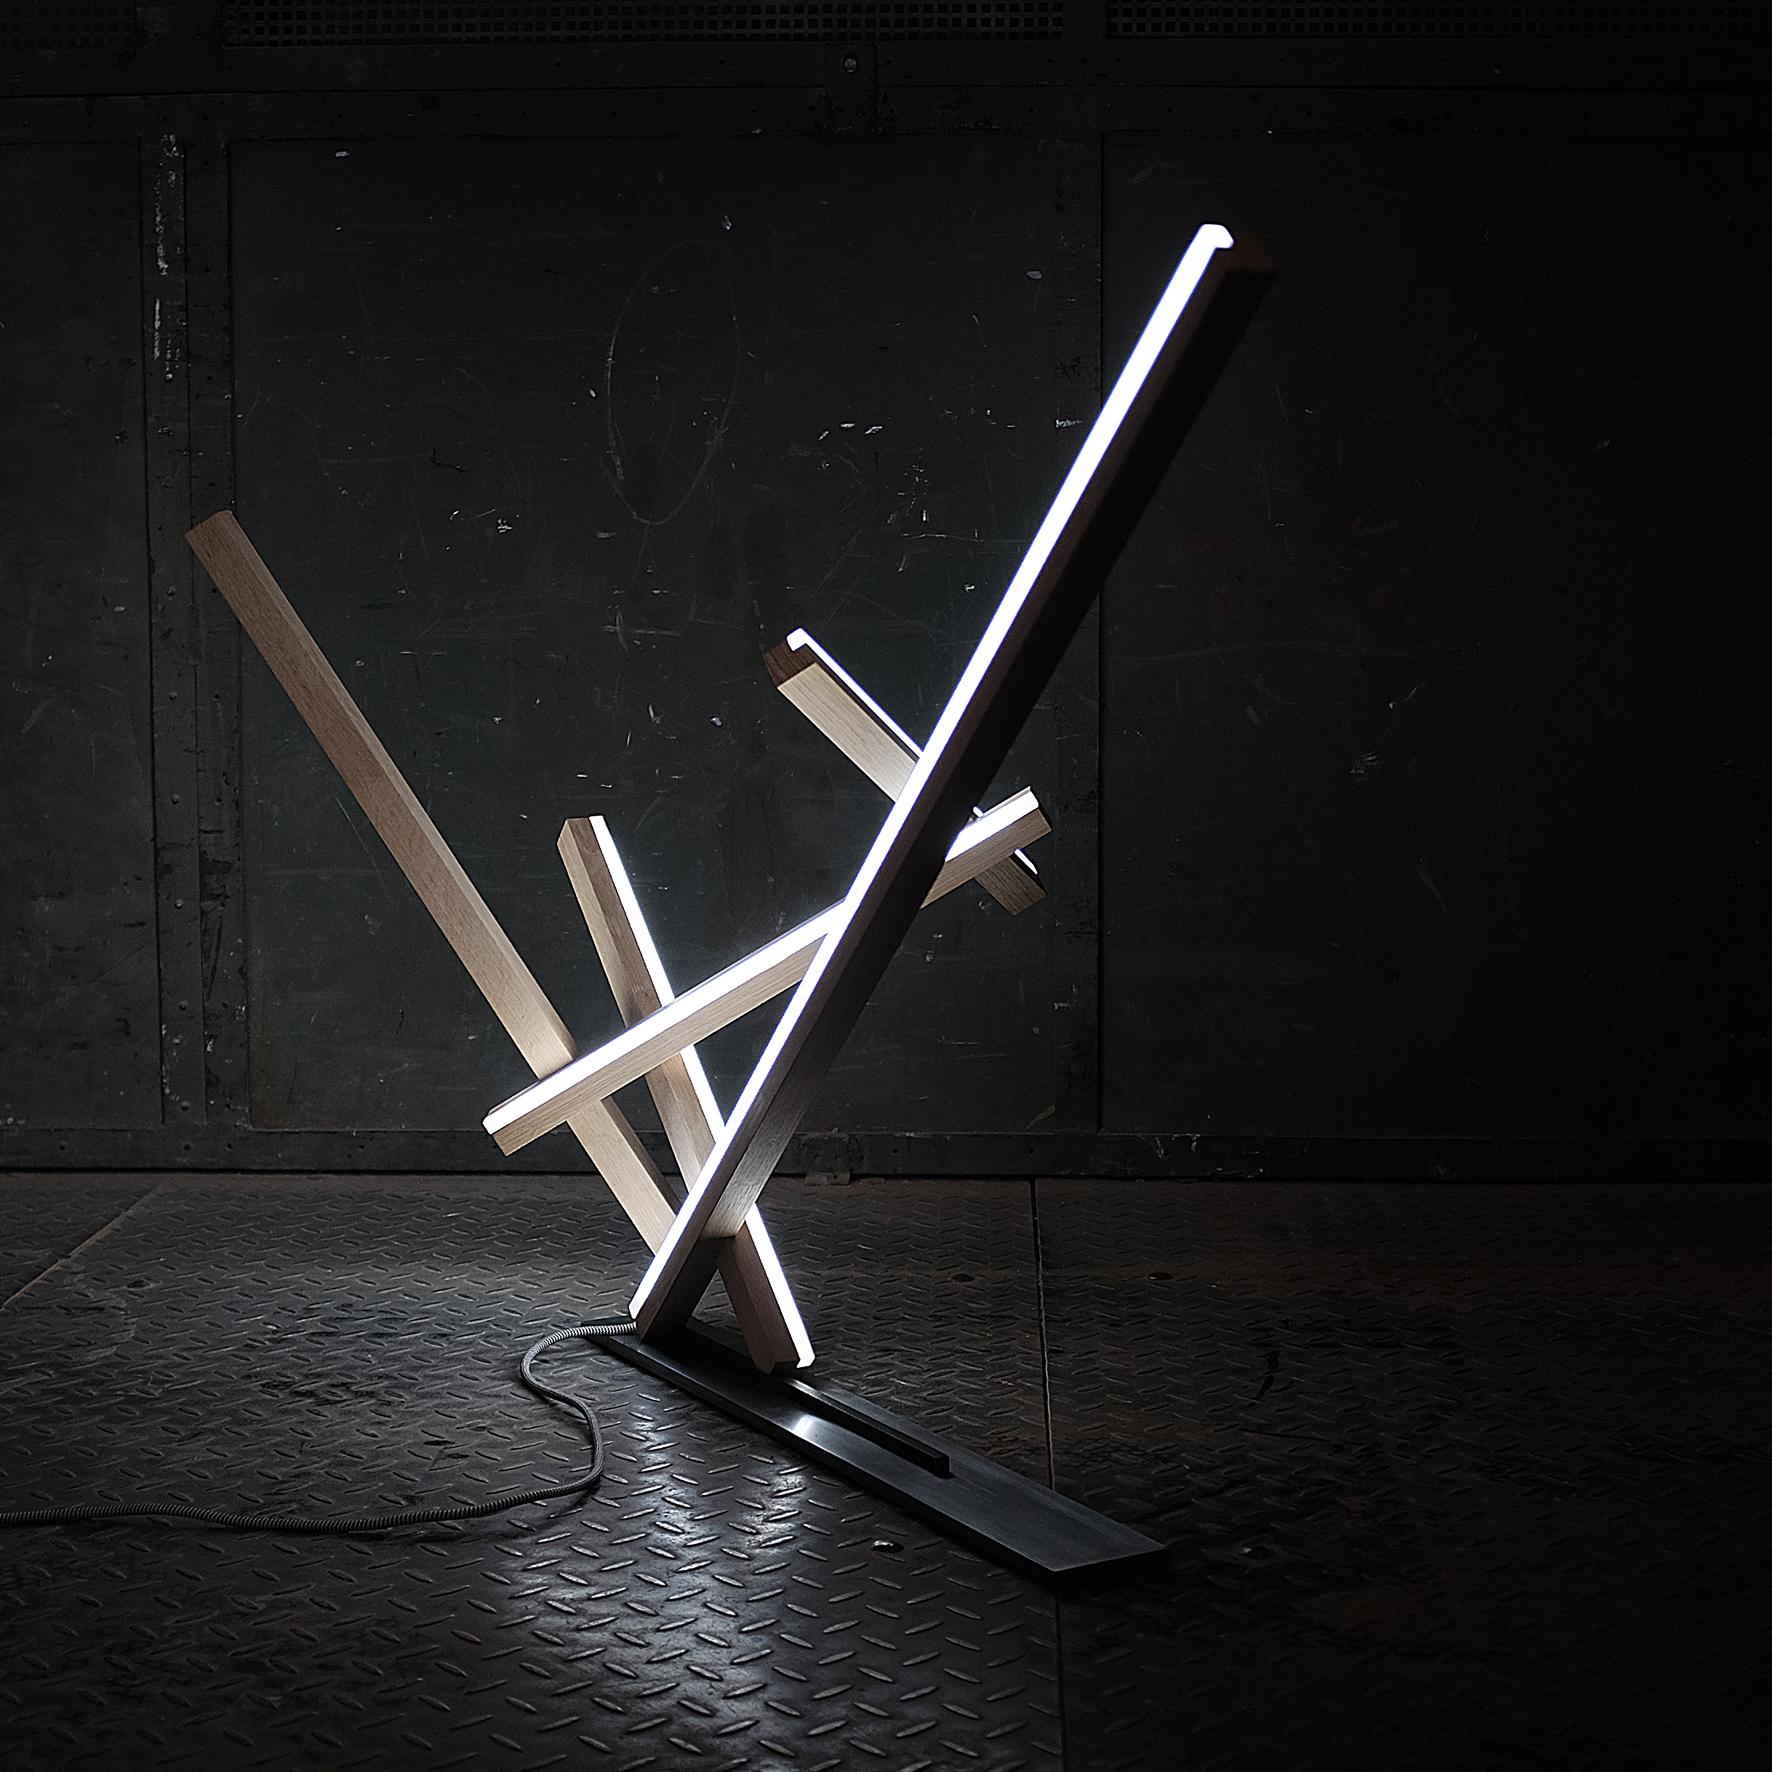 cena asociace 1. místo<br><br>01 Produktový design<br>interiérový objekt<br>Světelný objekt určený do interiéru<br>VOŠUP aSUPŠ, Praha 3<br>pedagog: MgA. Richard Pešek